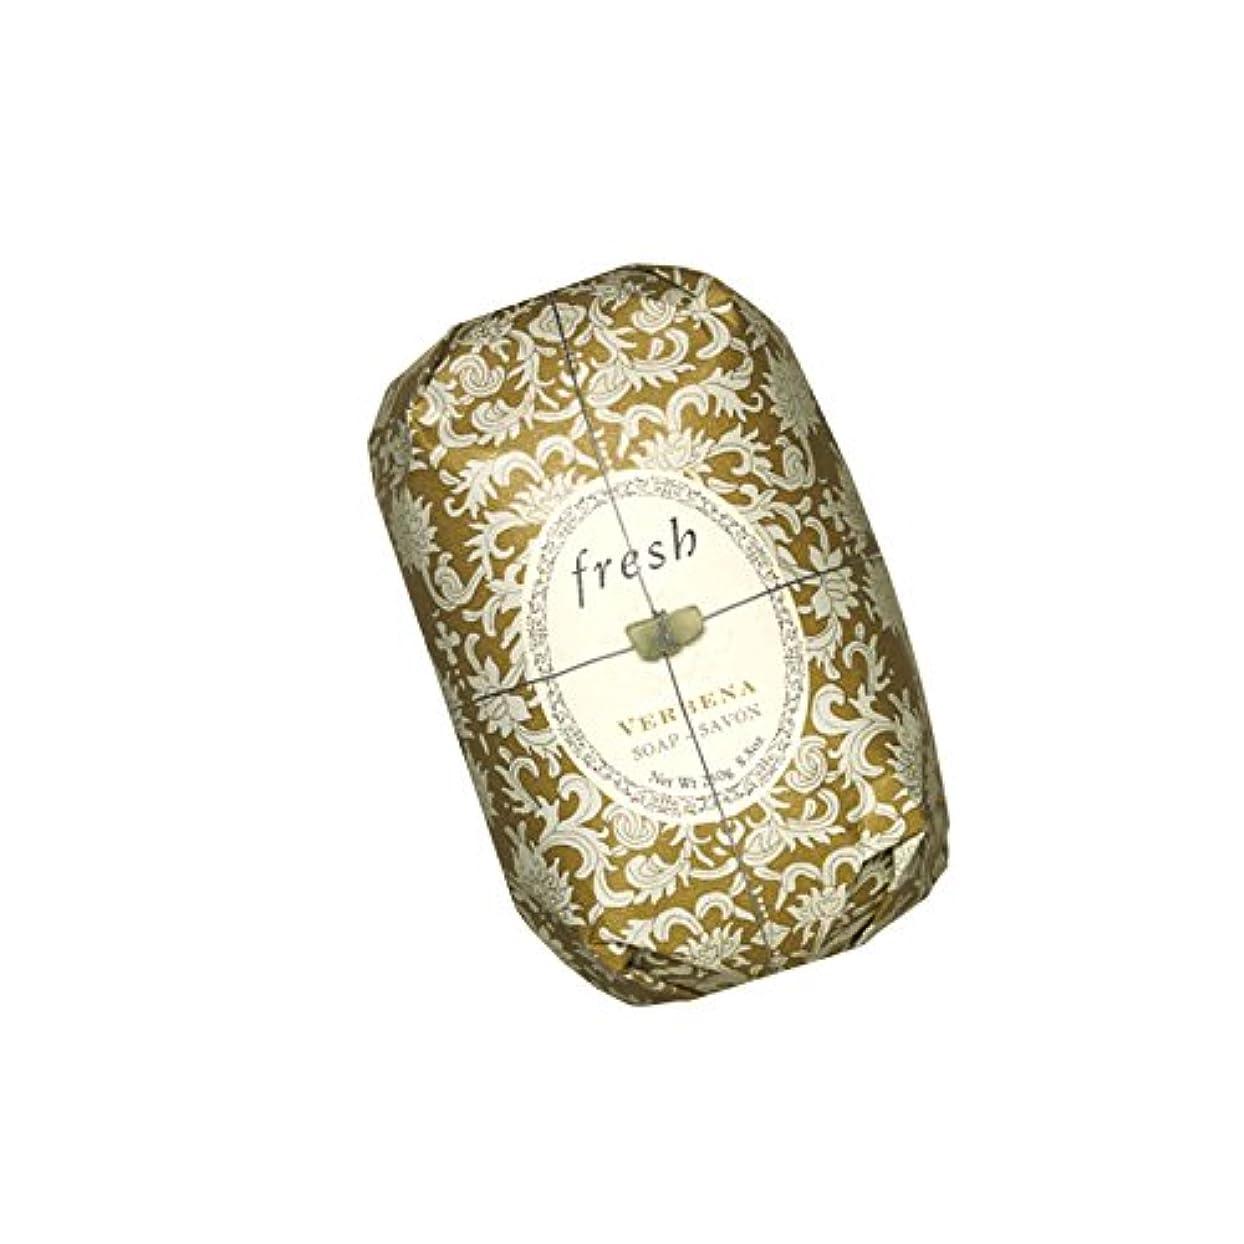 振り子離れて神学校Fresh フレッシュ Verbena Soap 石鹸, 250g/8.8oz. [海外直送品] [並行輸入品]